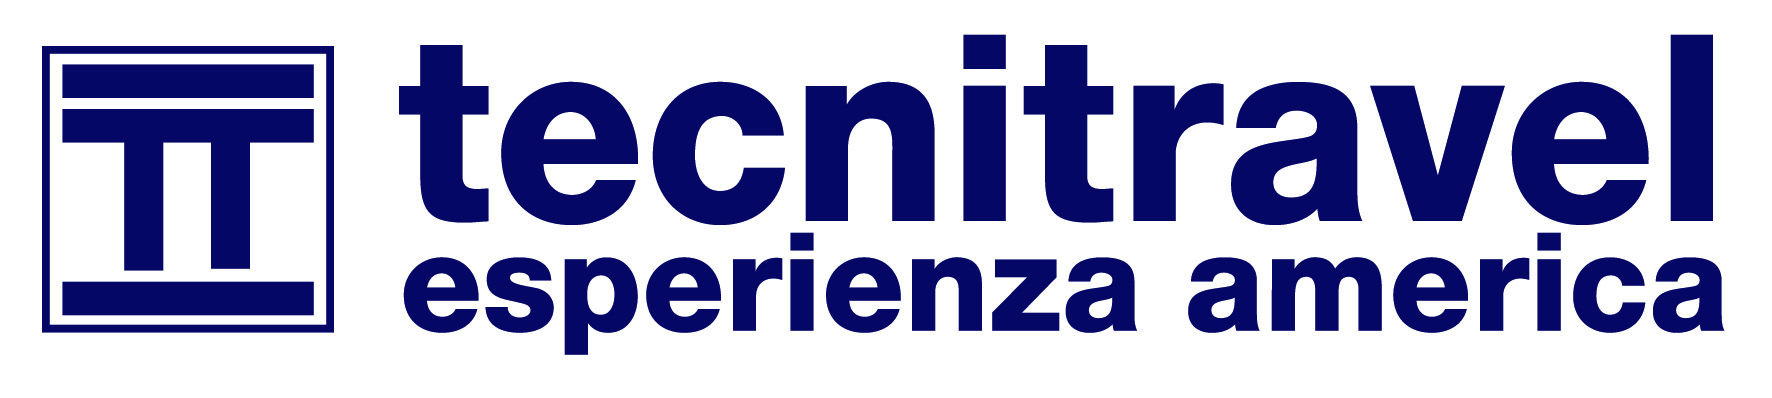 Logo TECNITRAVEL - ESPERIENZA AMERICA